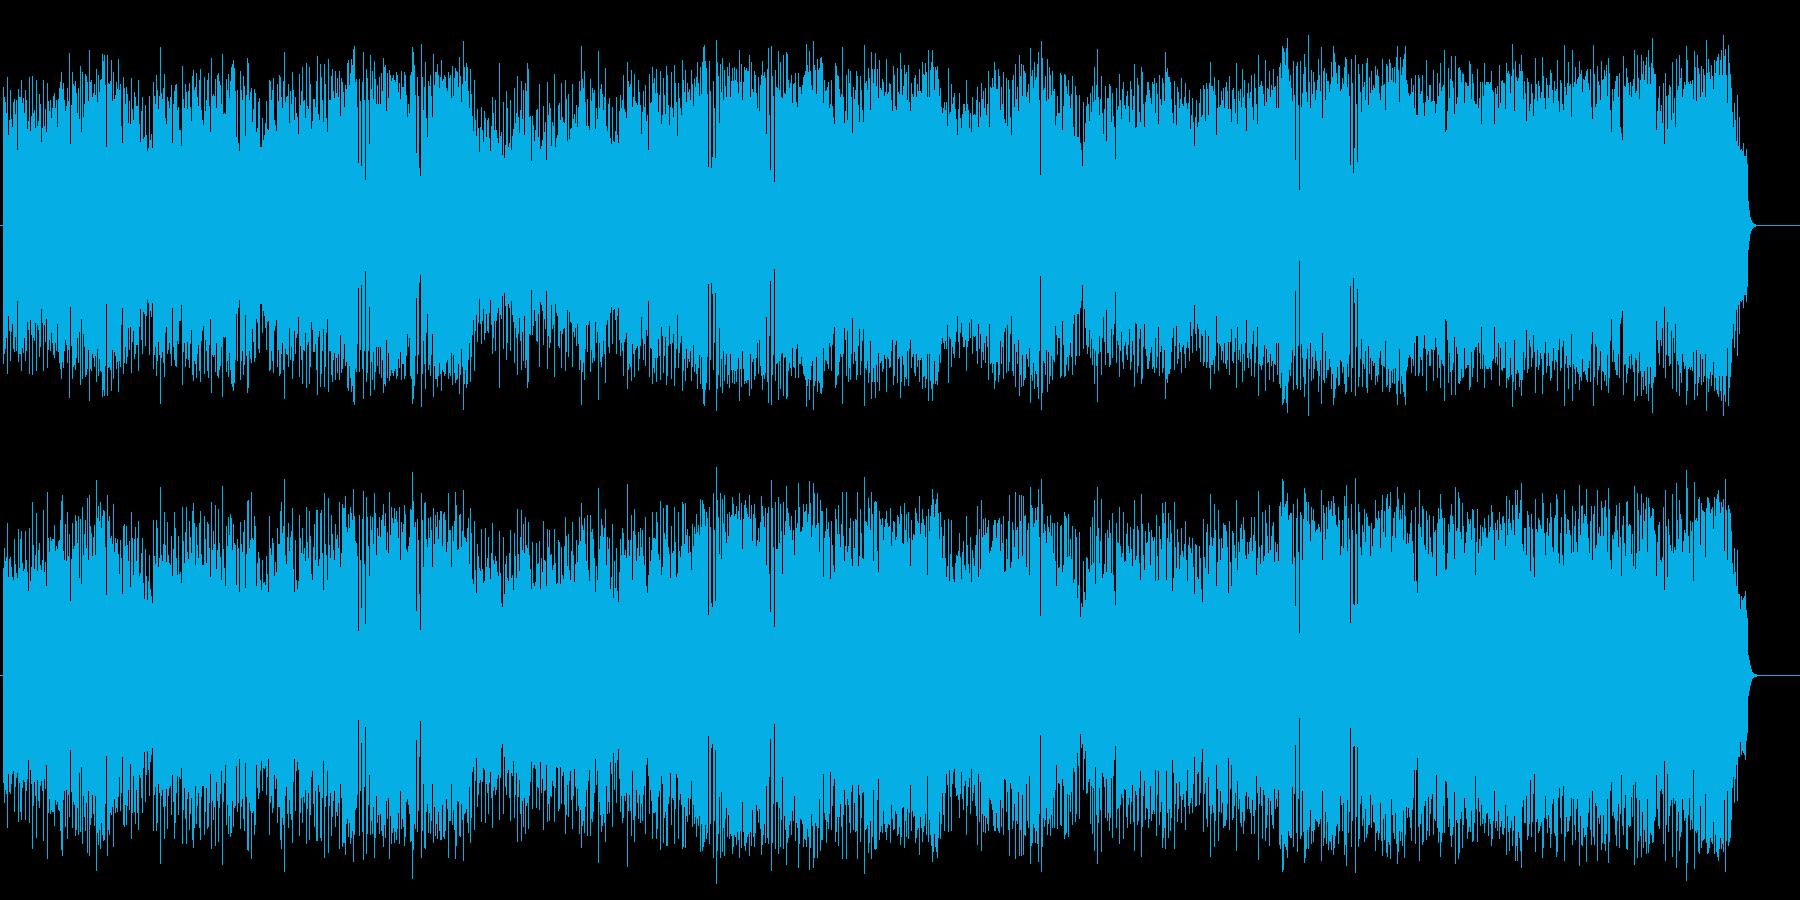 軽快なポップフュージョン(フルサイズ)の再生済みの波形